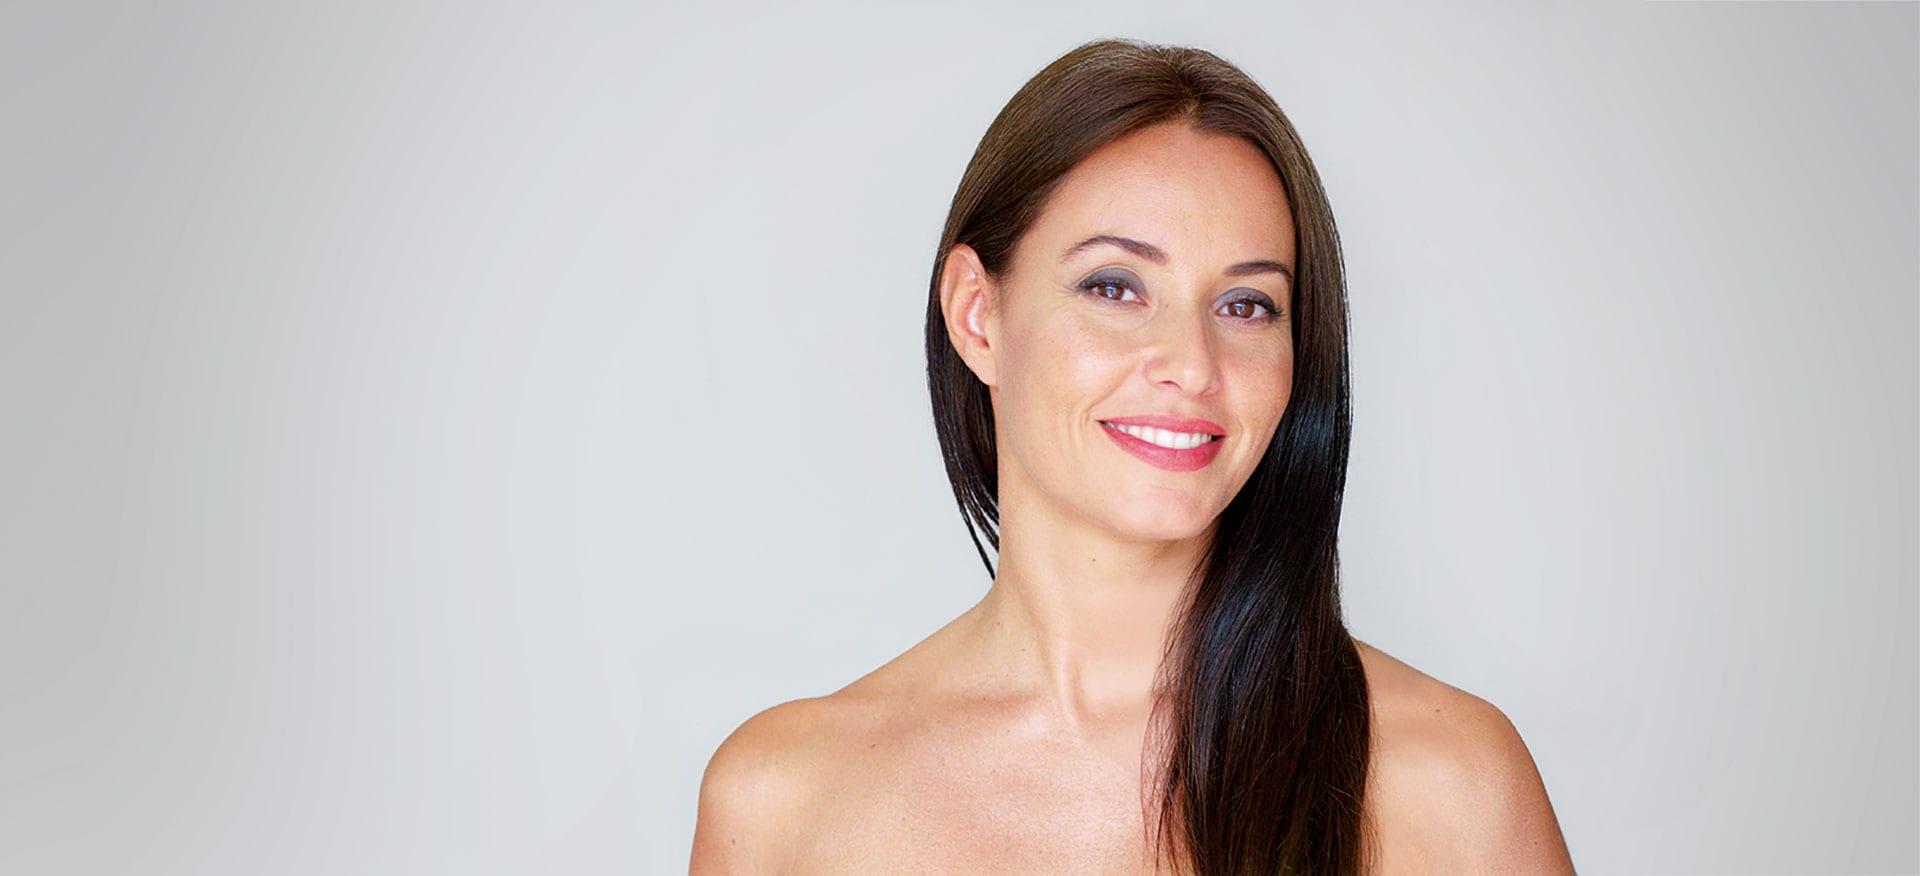 Female model on grey background